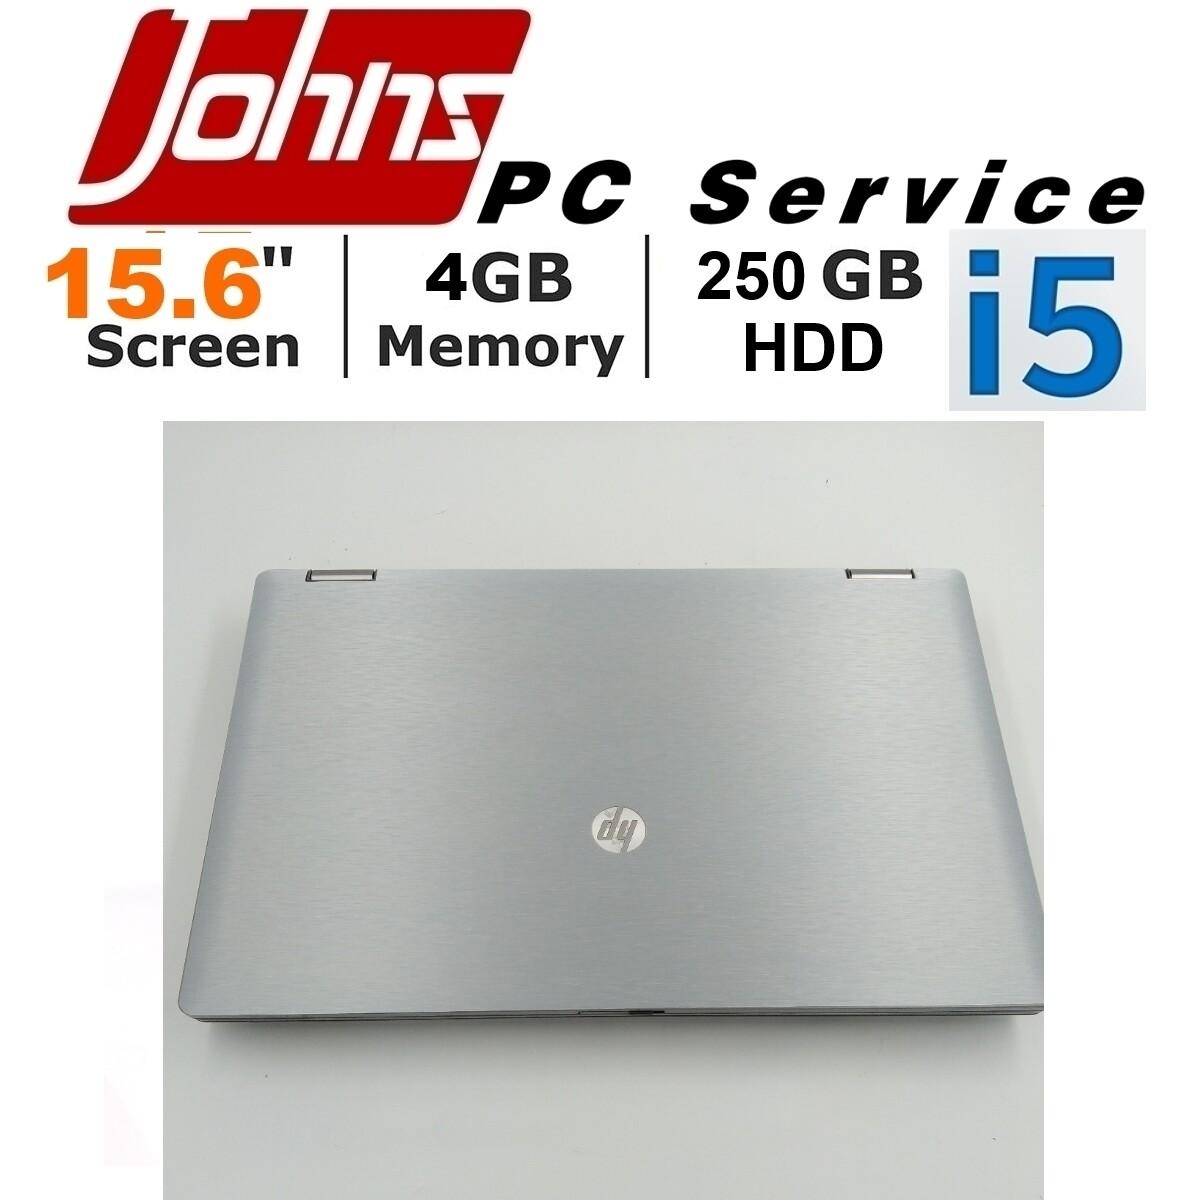 โน๊ตบุ๊ค Laptop Hp 6550 I5 15.6นิ้ว // Toshiba I5/i7 15.6นิ้ว โน๊ตบุ๊คมือสอง Hp Notebook/asus/acer ราคาถูกๆ มือสอง โน็ตบุ๊คมือ2 โน้ตบุ๊คถูกๆ โน๊ตบุ๊คมือสอง.